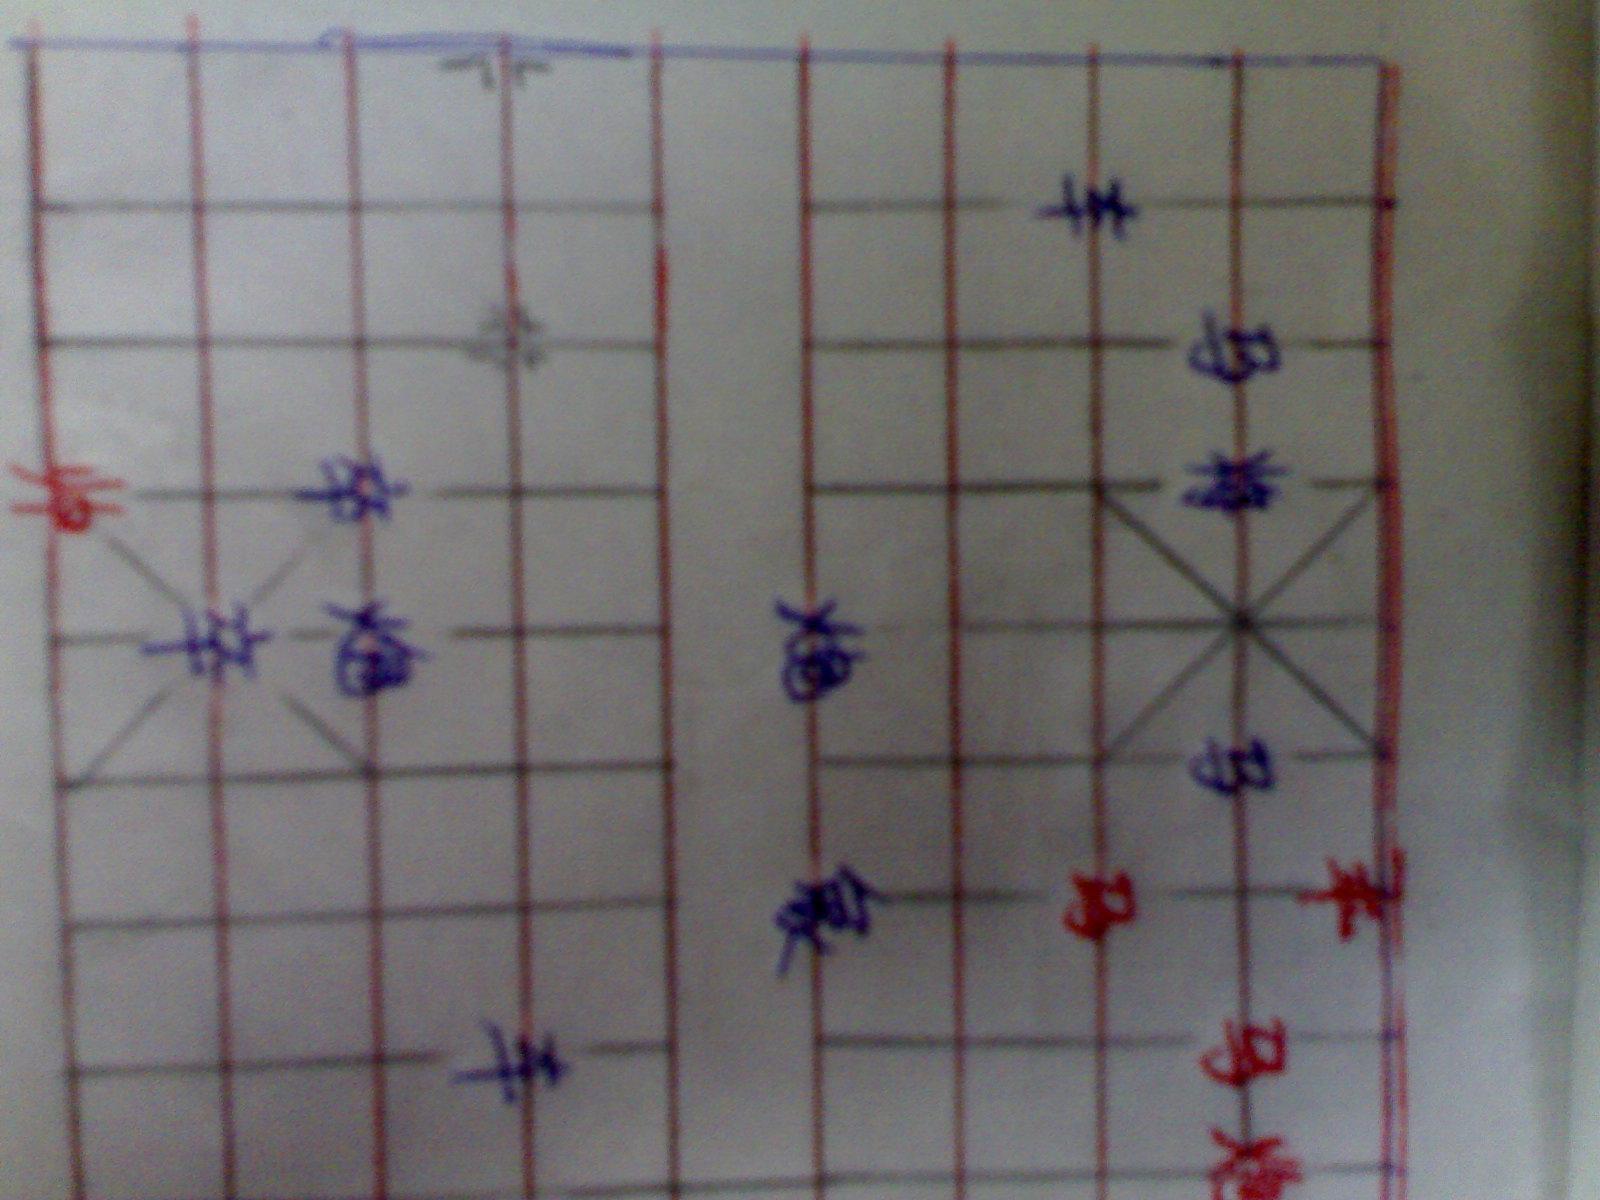 23 2009-10-17 中国象棋免费下载  509 2009-08-21 中国象棋棋谱看图片